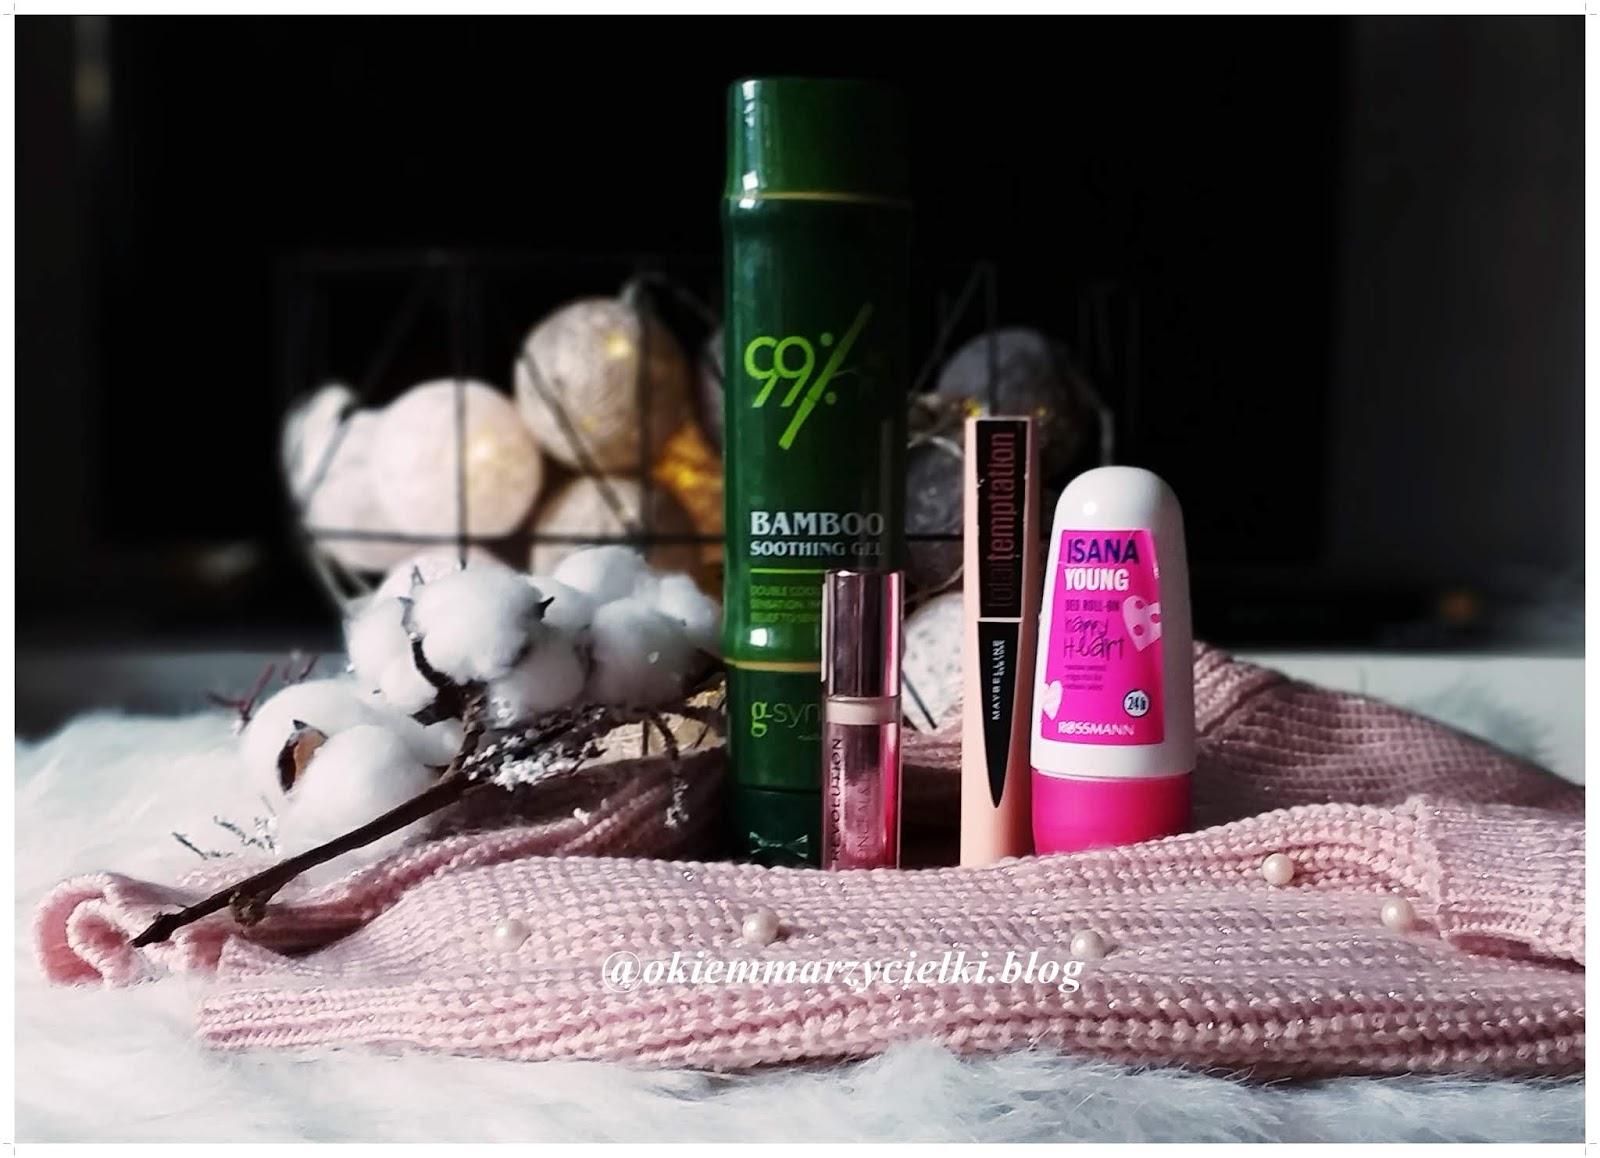 Rozczarowania i buble kosmetyczne #1| MakeupRevolution, G-synergie, Maybelline i Isana|